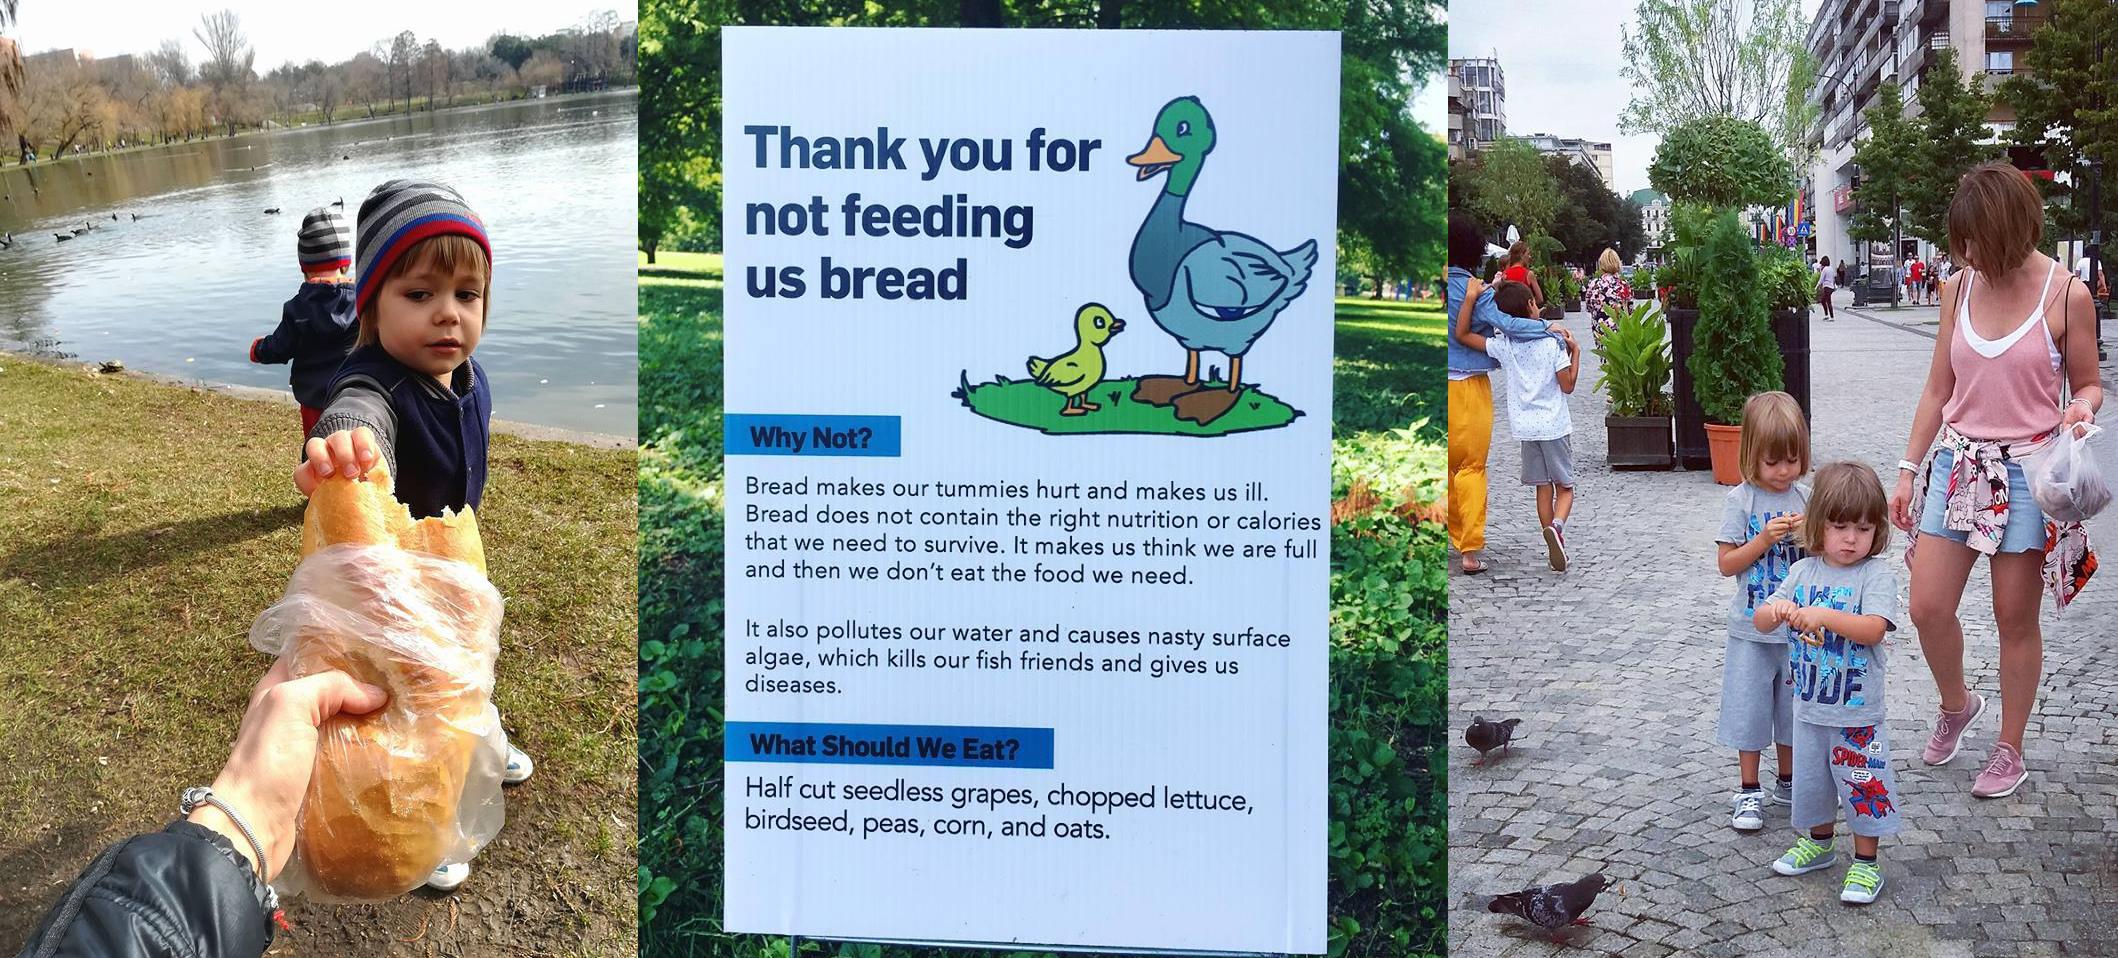 cum hranim pasarile salbatice sfaturi